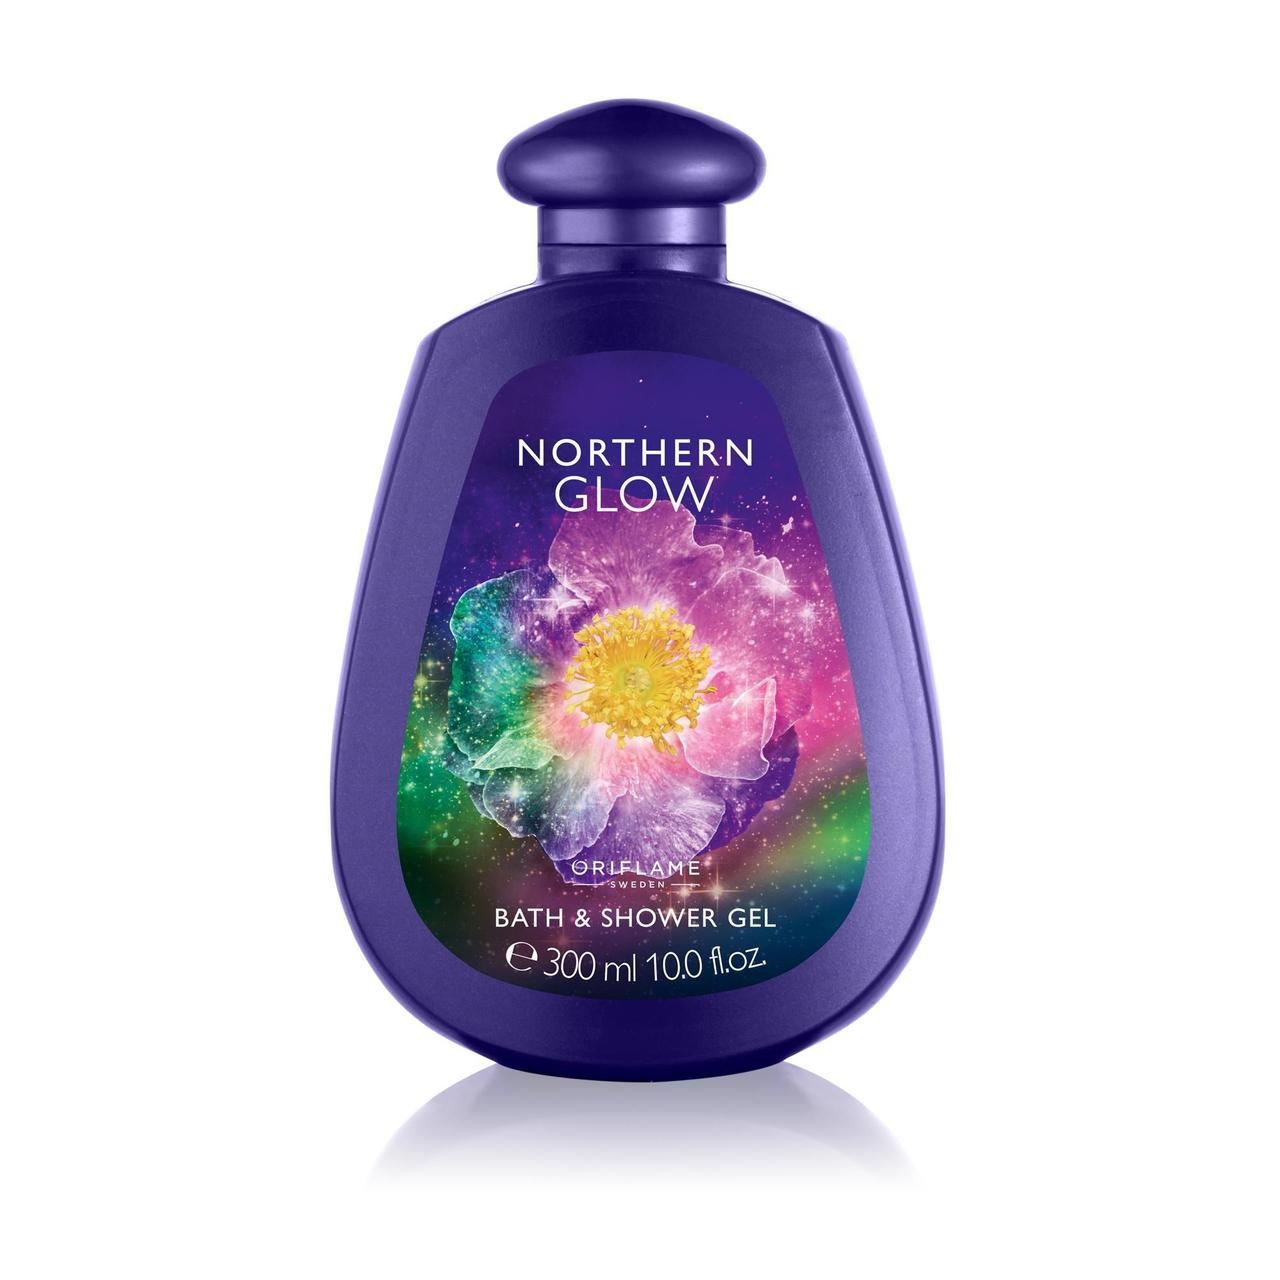 Пена для ванны и гель для душа 2 в 1 Northern Glow Oriflame